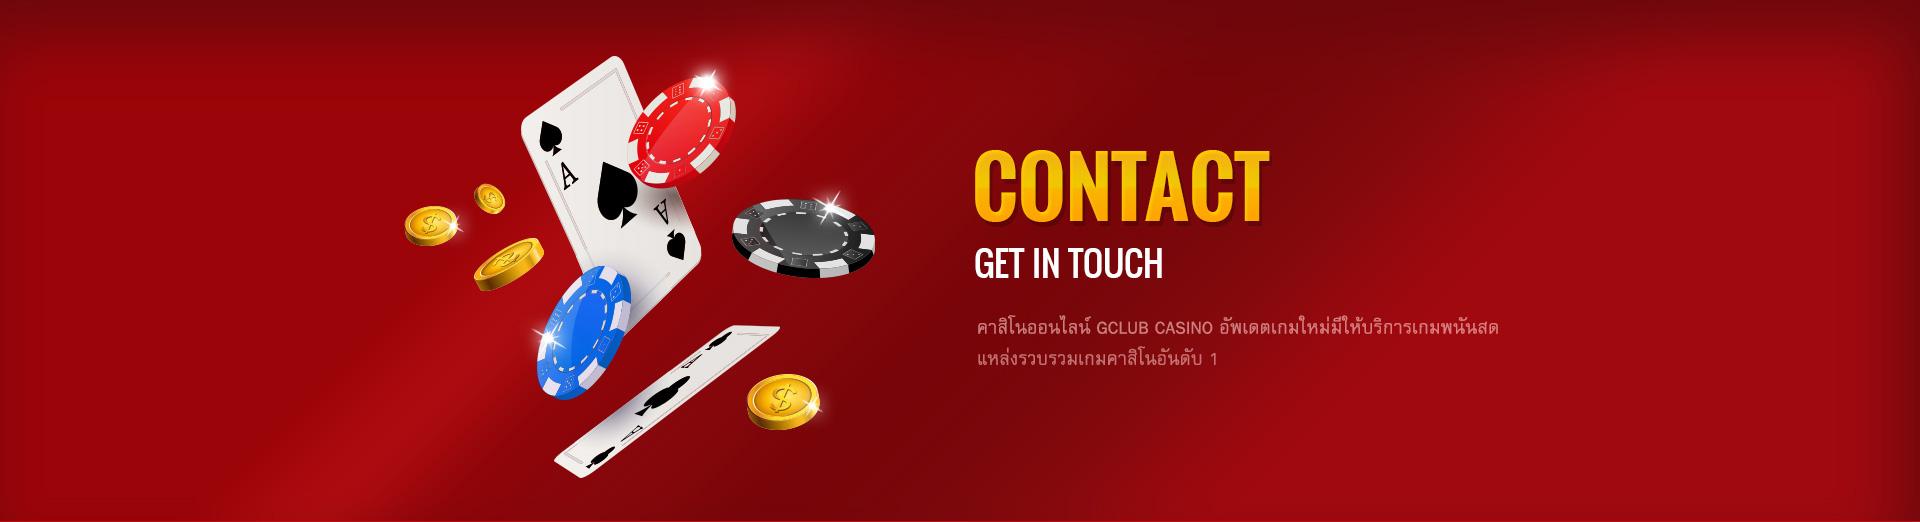 contact casino online